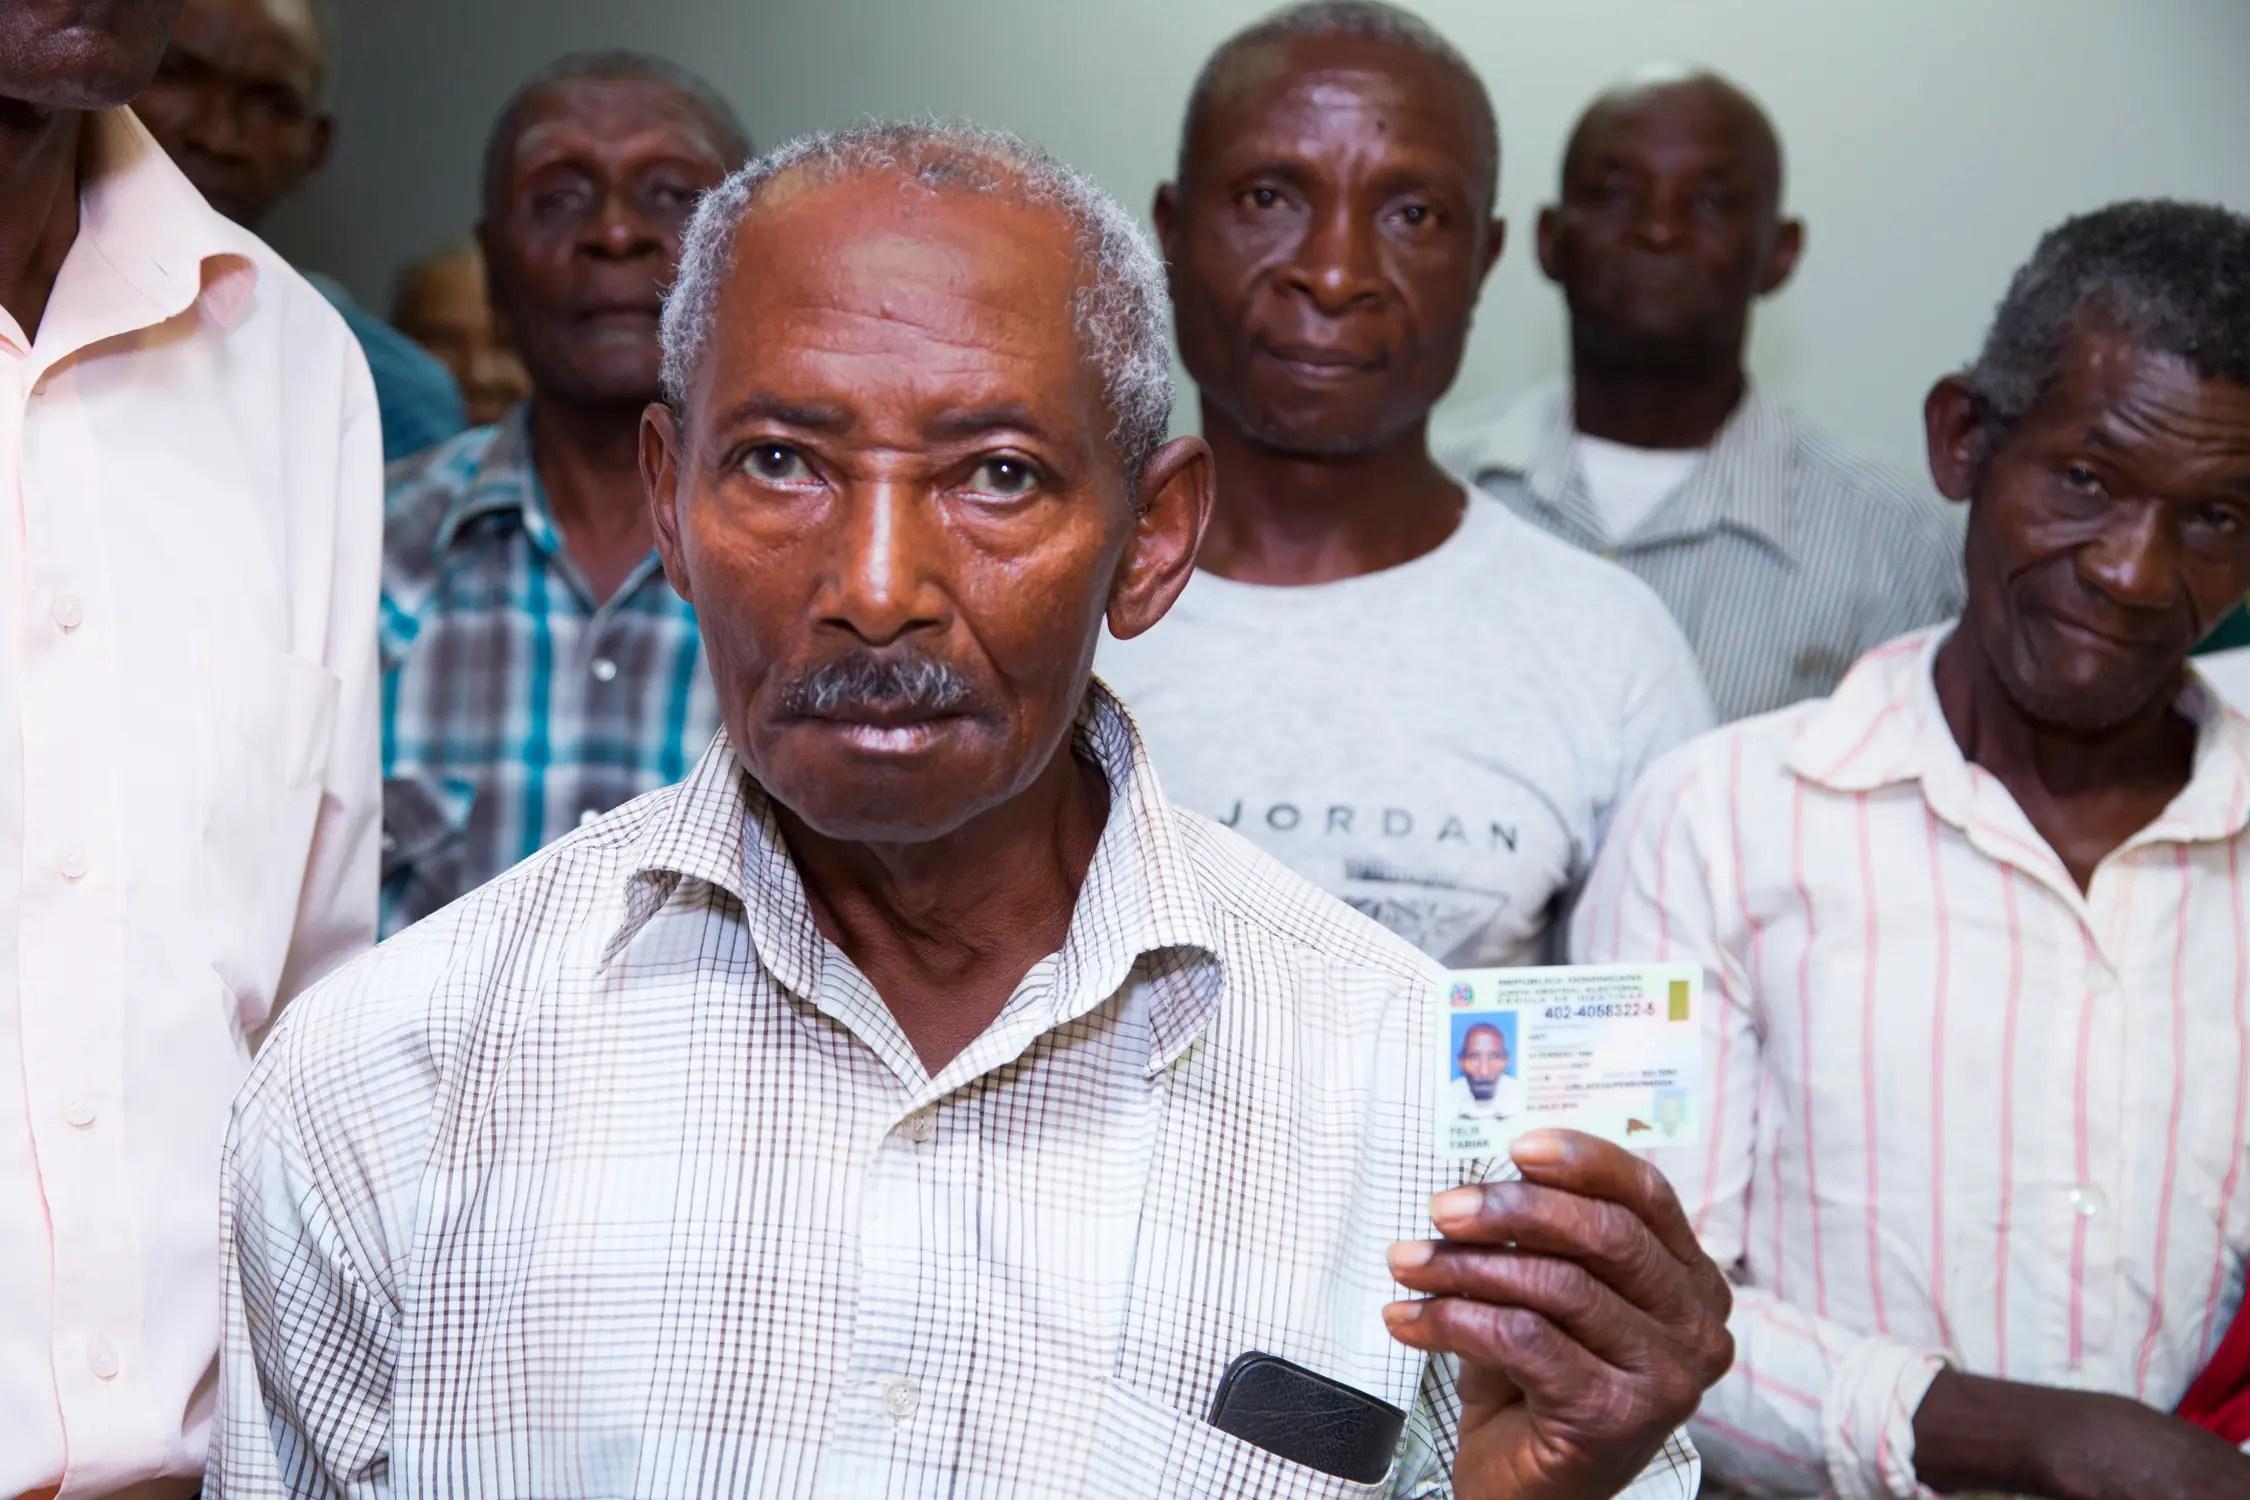 Pagarán el mes de julio mediante cheques a cañeros pensionados